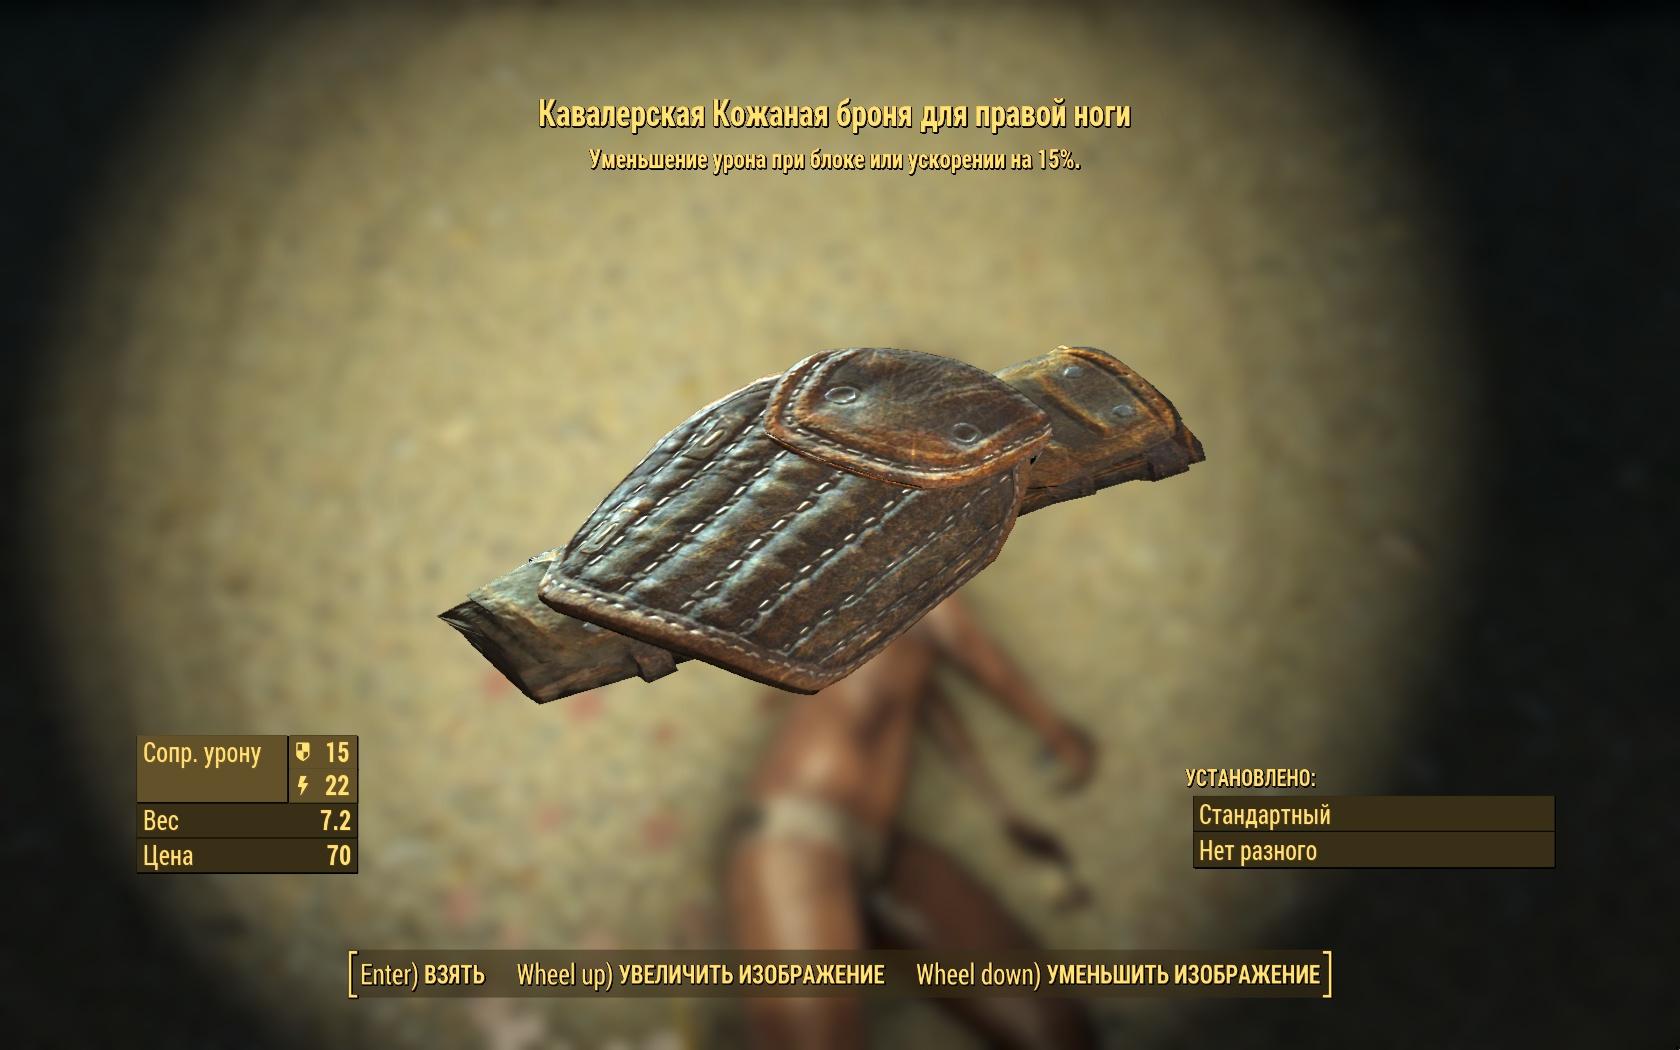 Кавалерская кожаная броня для правой ноги - Fallout 4 броня, Кавалерская, кожаная, Одежда